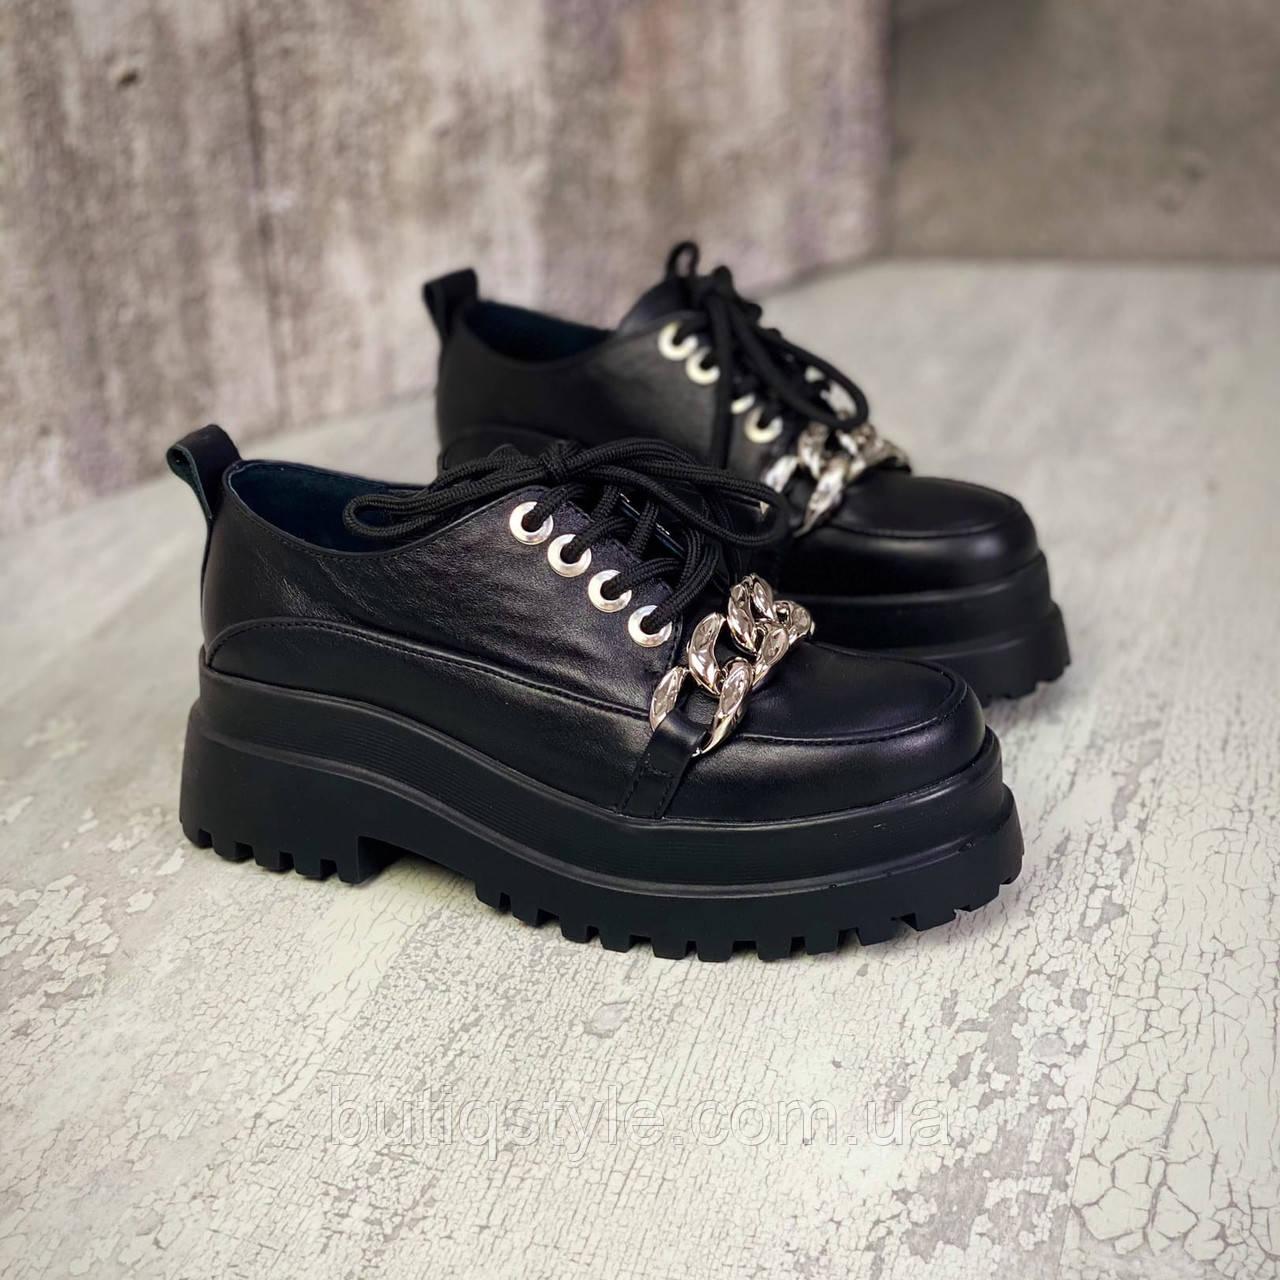 Жіночі чорні туфлі натуральна шкіра з ланцюгом